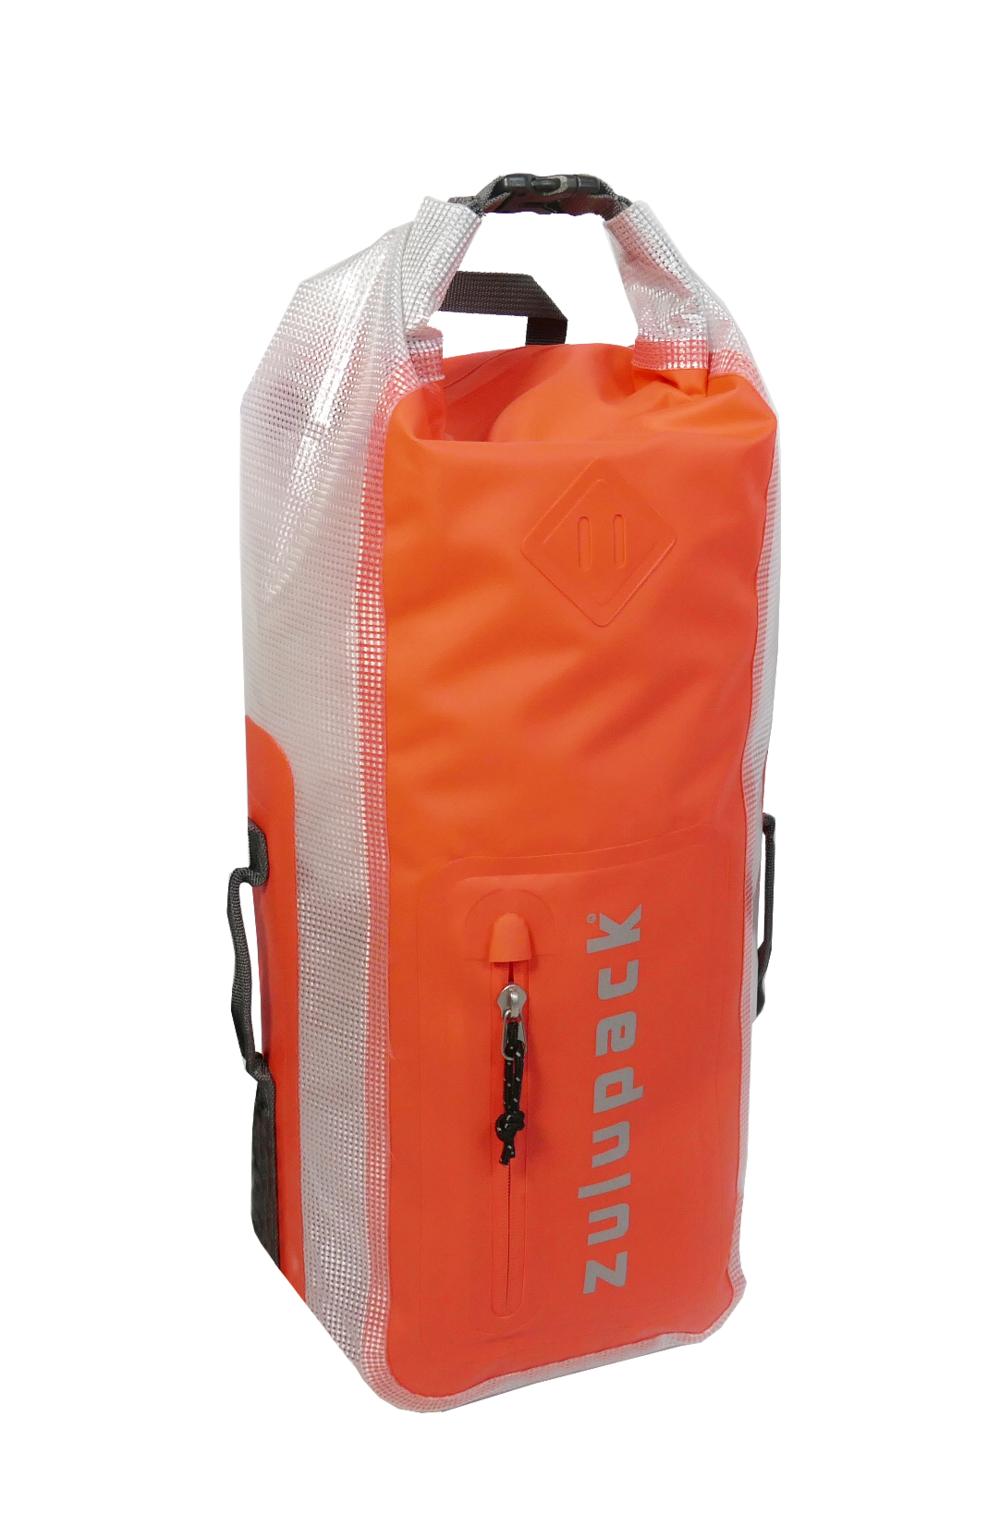 Zulupack_Backpack 25L_Front Top_Orange.png